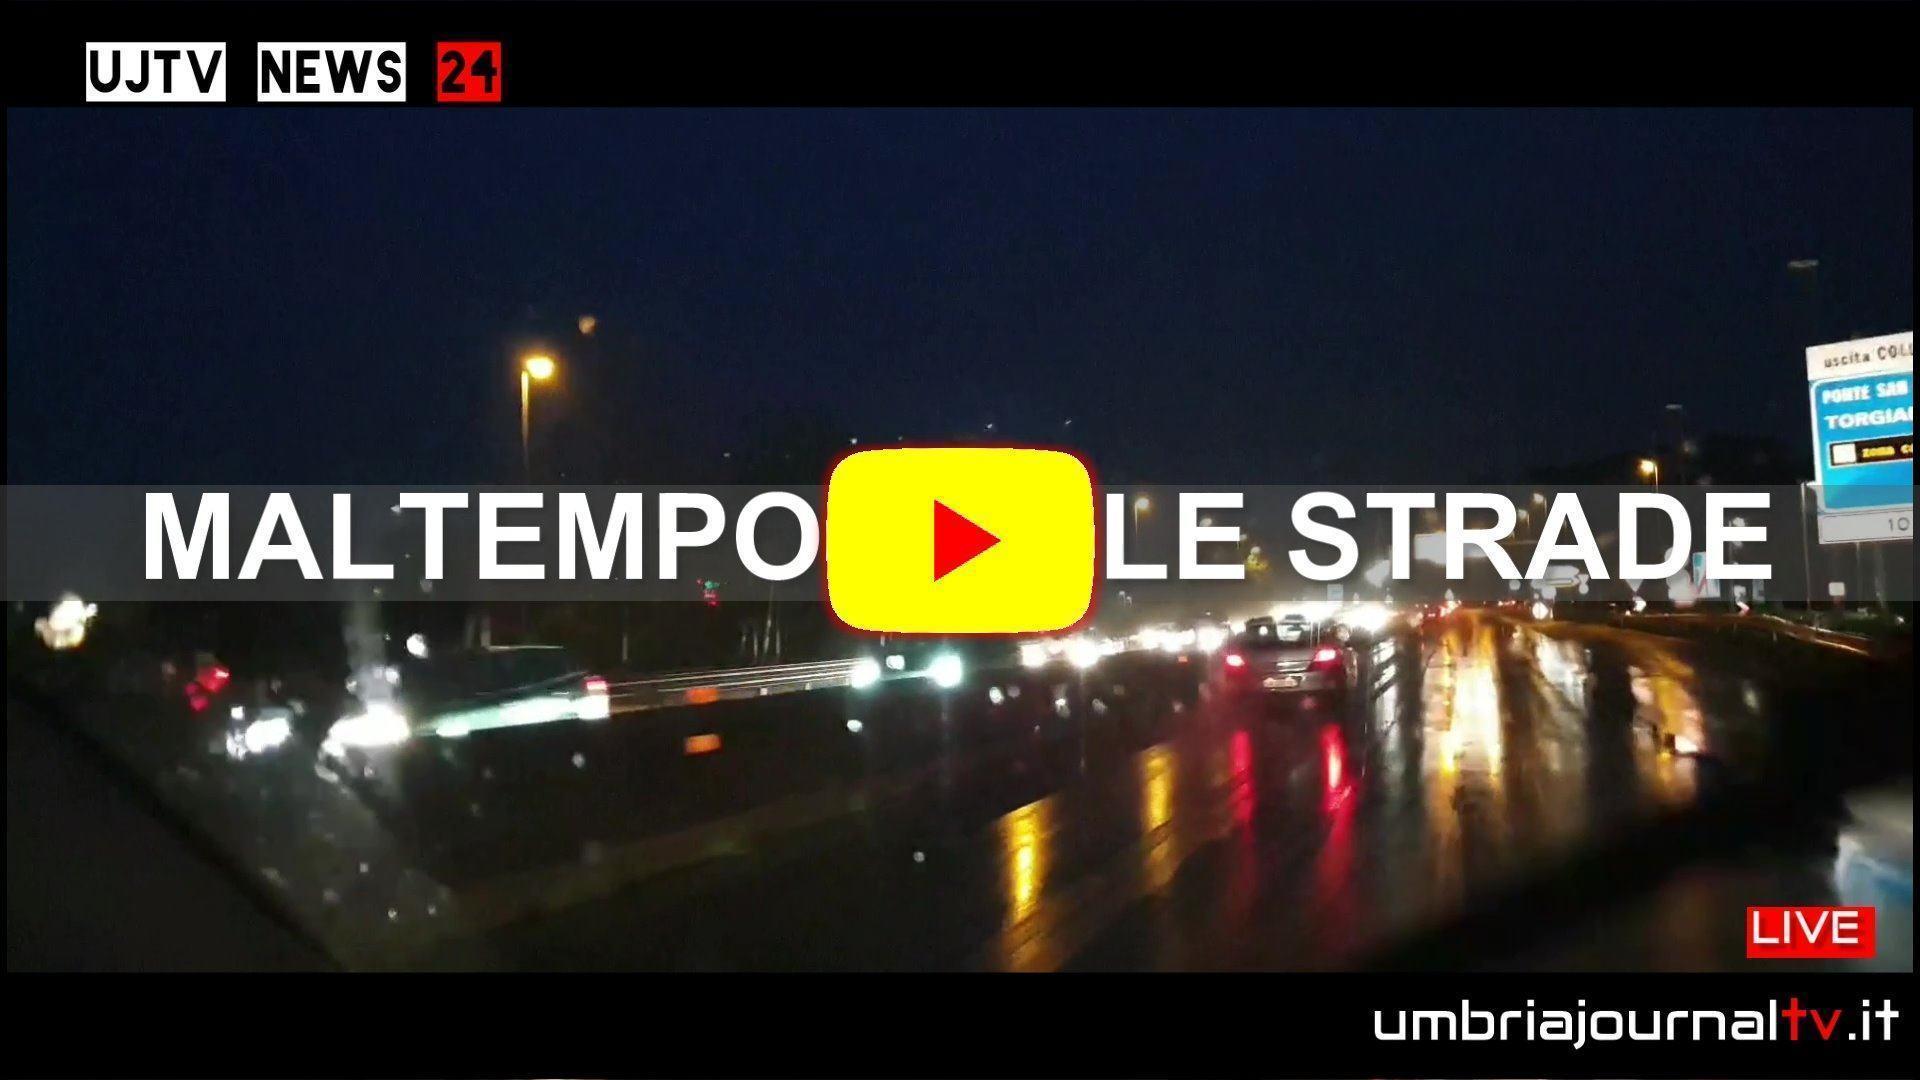 Immagini video girate dall'auto durante le ore di pioggia, con action cam